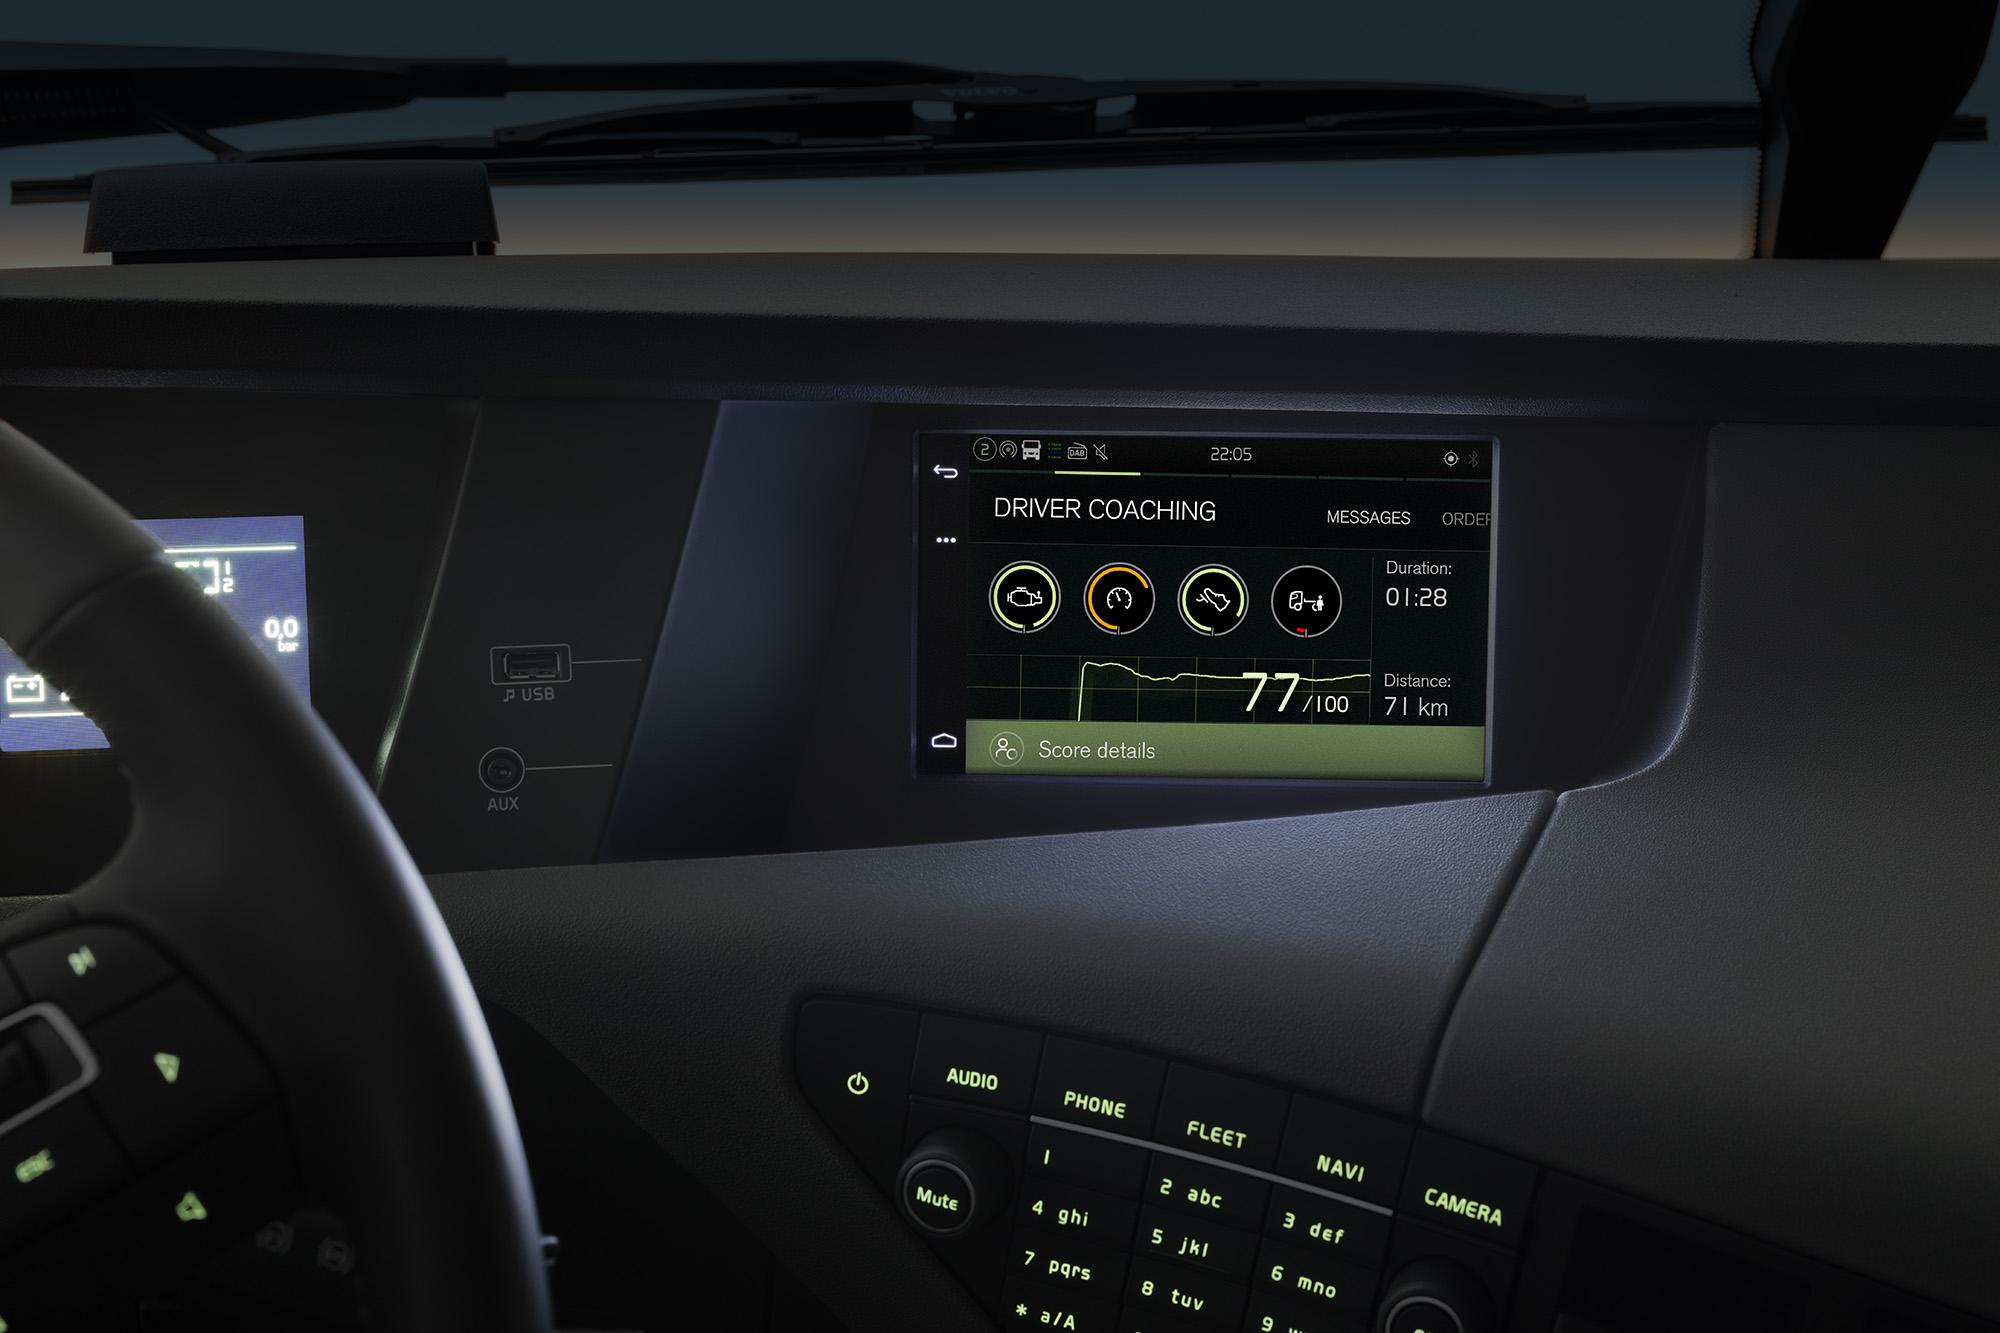 Mit den Dynafleet OnBoard-Diensten einschließlich Fahrertraining können Fahrer ihre Performance und den Kraftstoffverbrauch verfolgen.